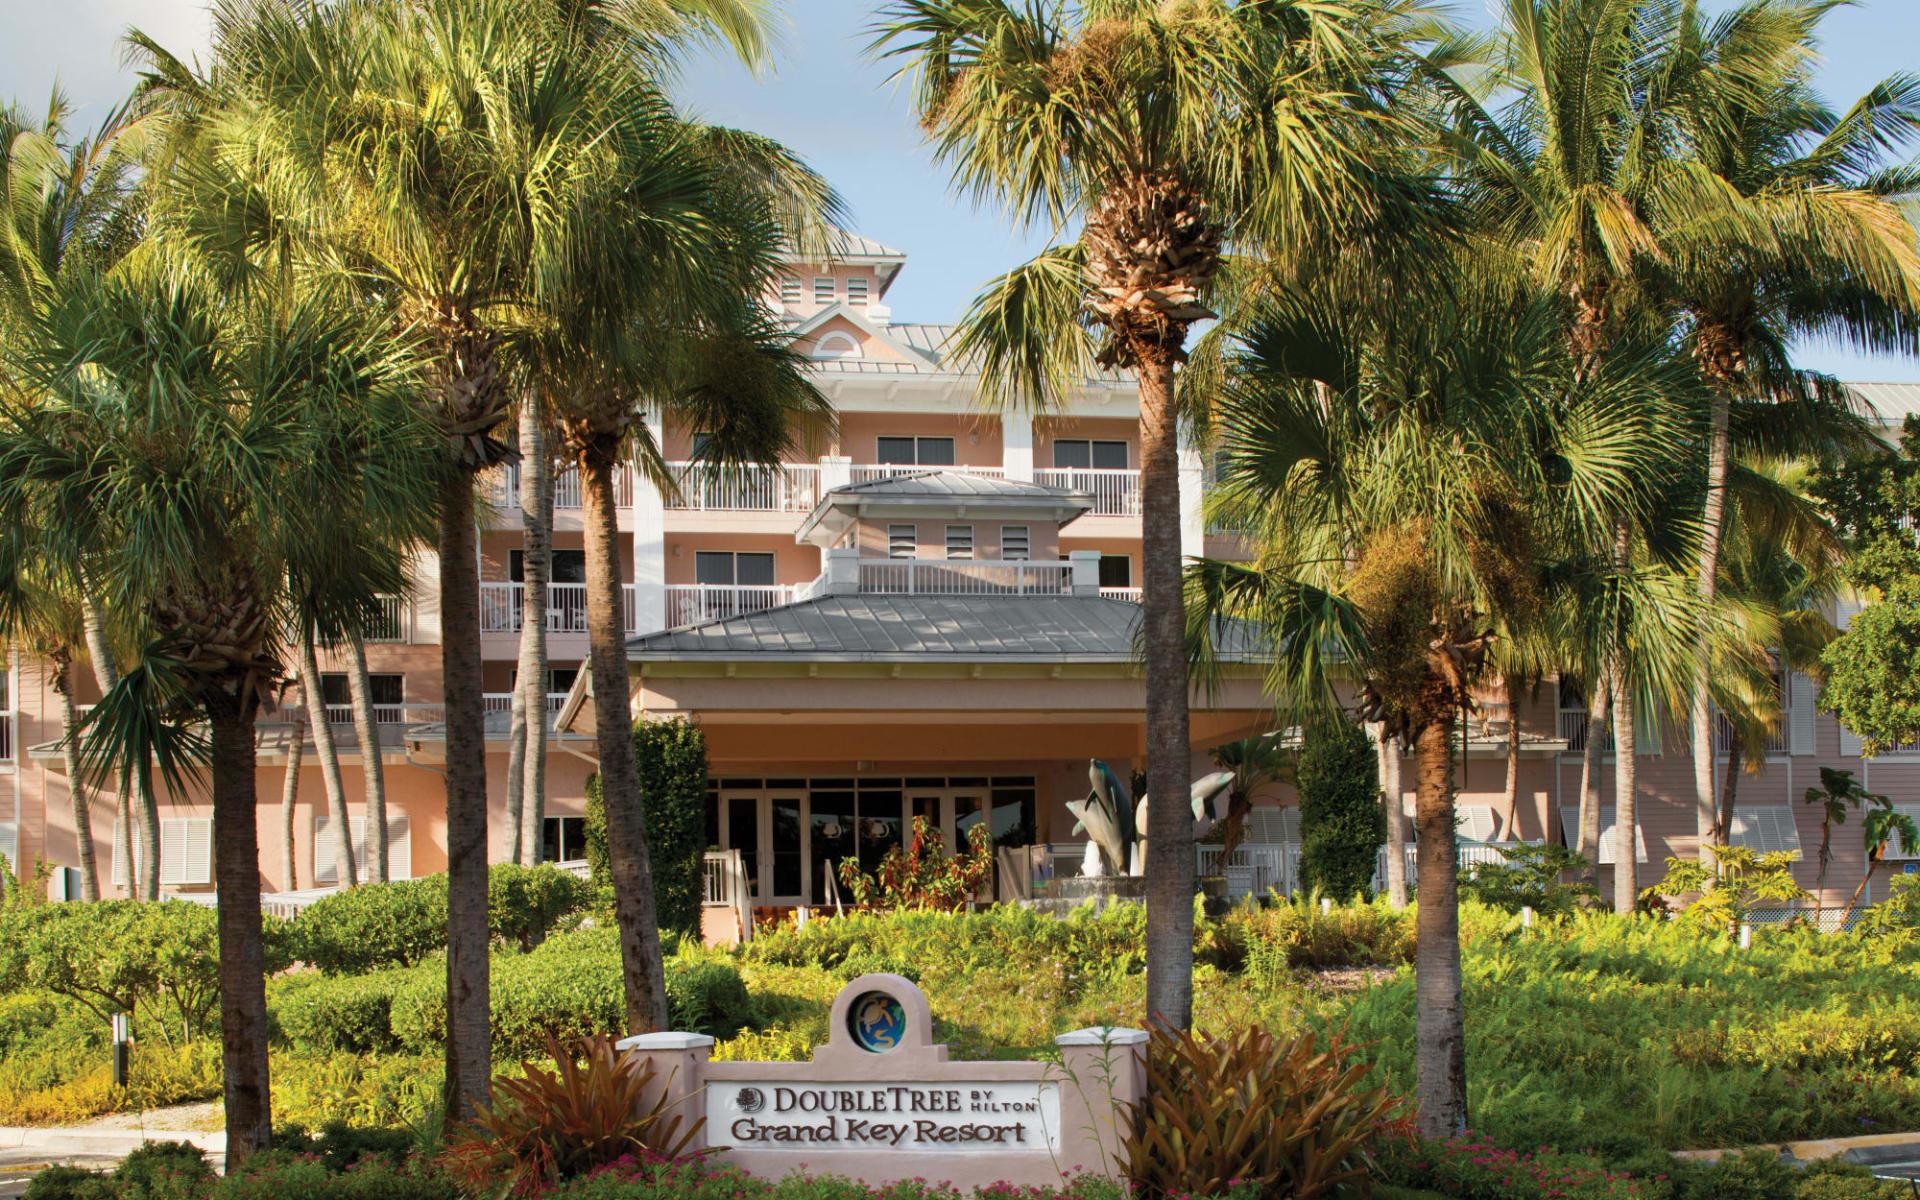 DoubleTree Resort by Hilton Hotel Grand Key in Key West:  Doubletree Grand Key Resort_Aussenansicht